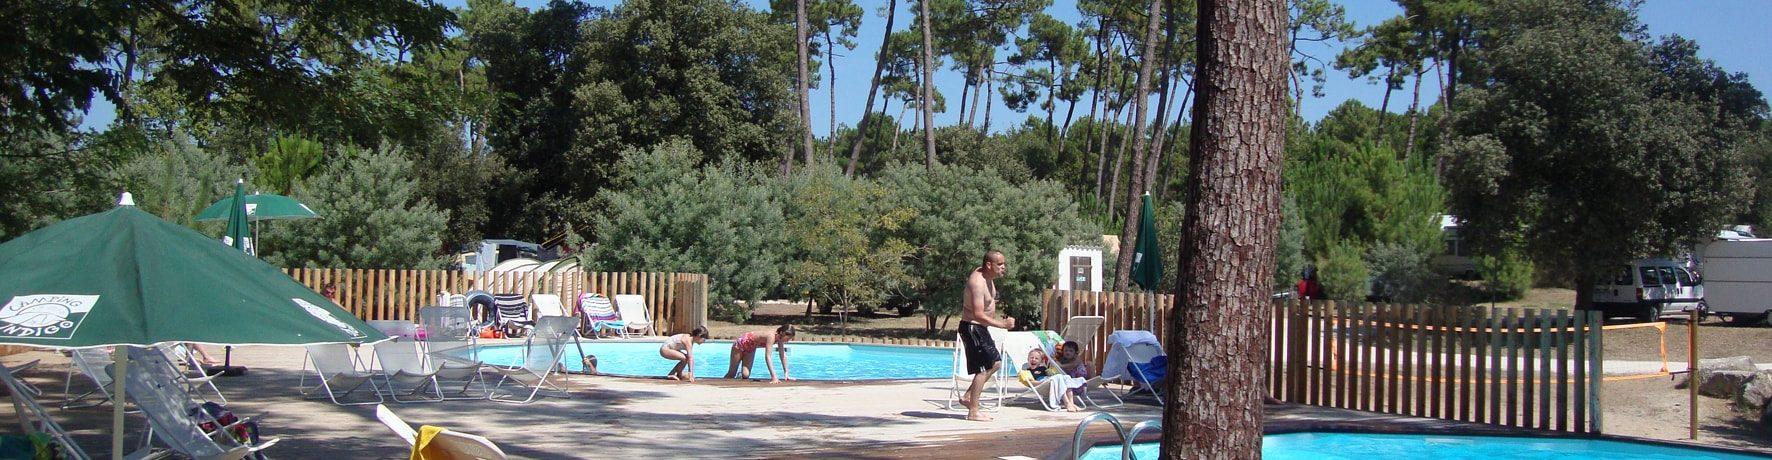 Camping Huttopia Oleron les Pins ligt in het hart van een groot pijnbomenbos in Saint-Trojan-les-Bains op het eiland Île d'Oléron.